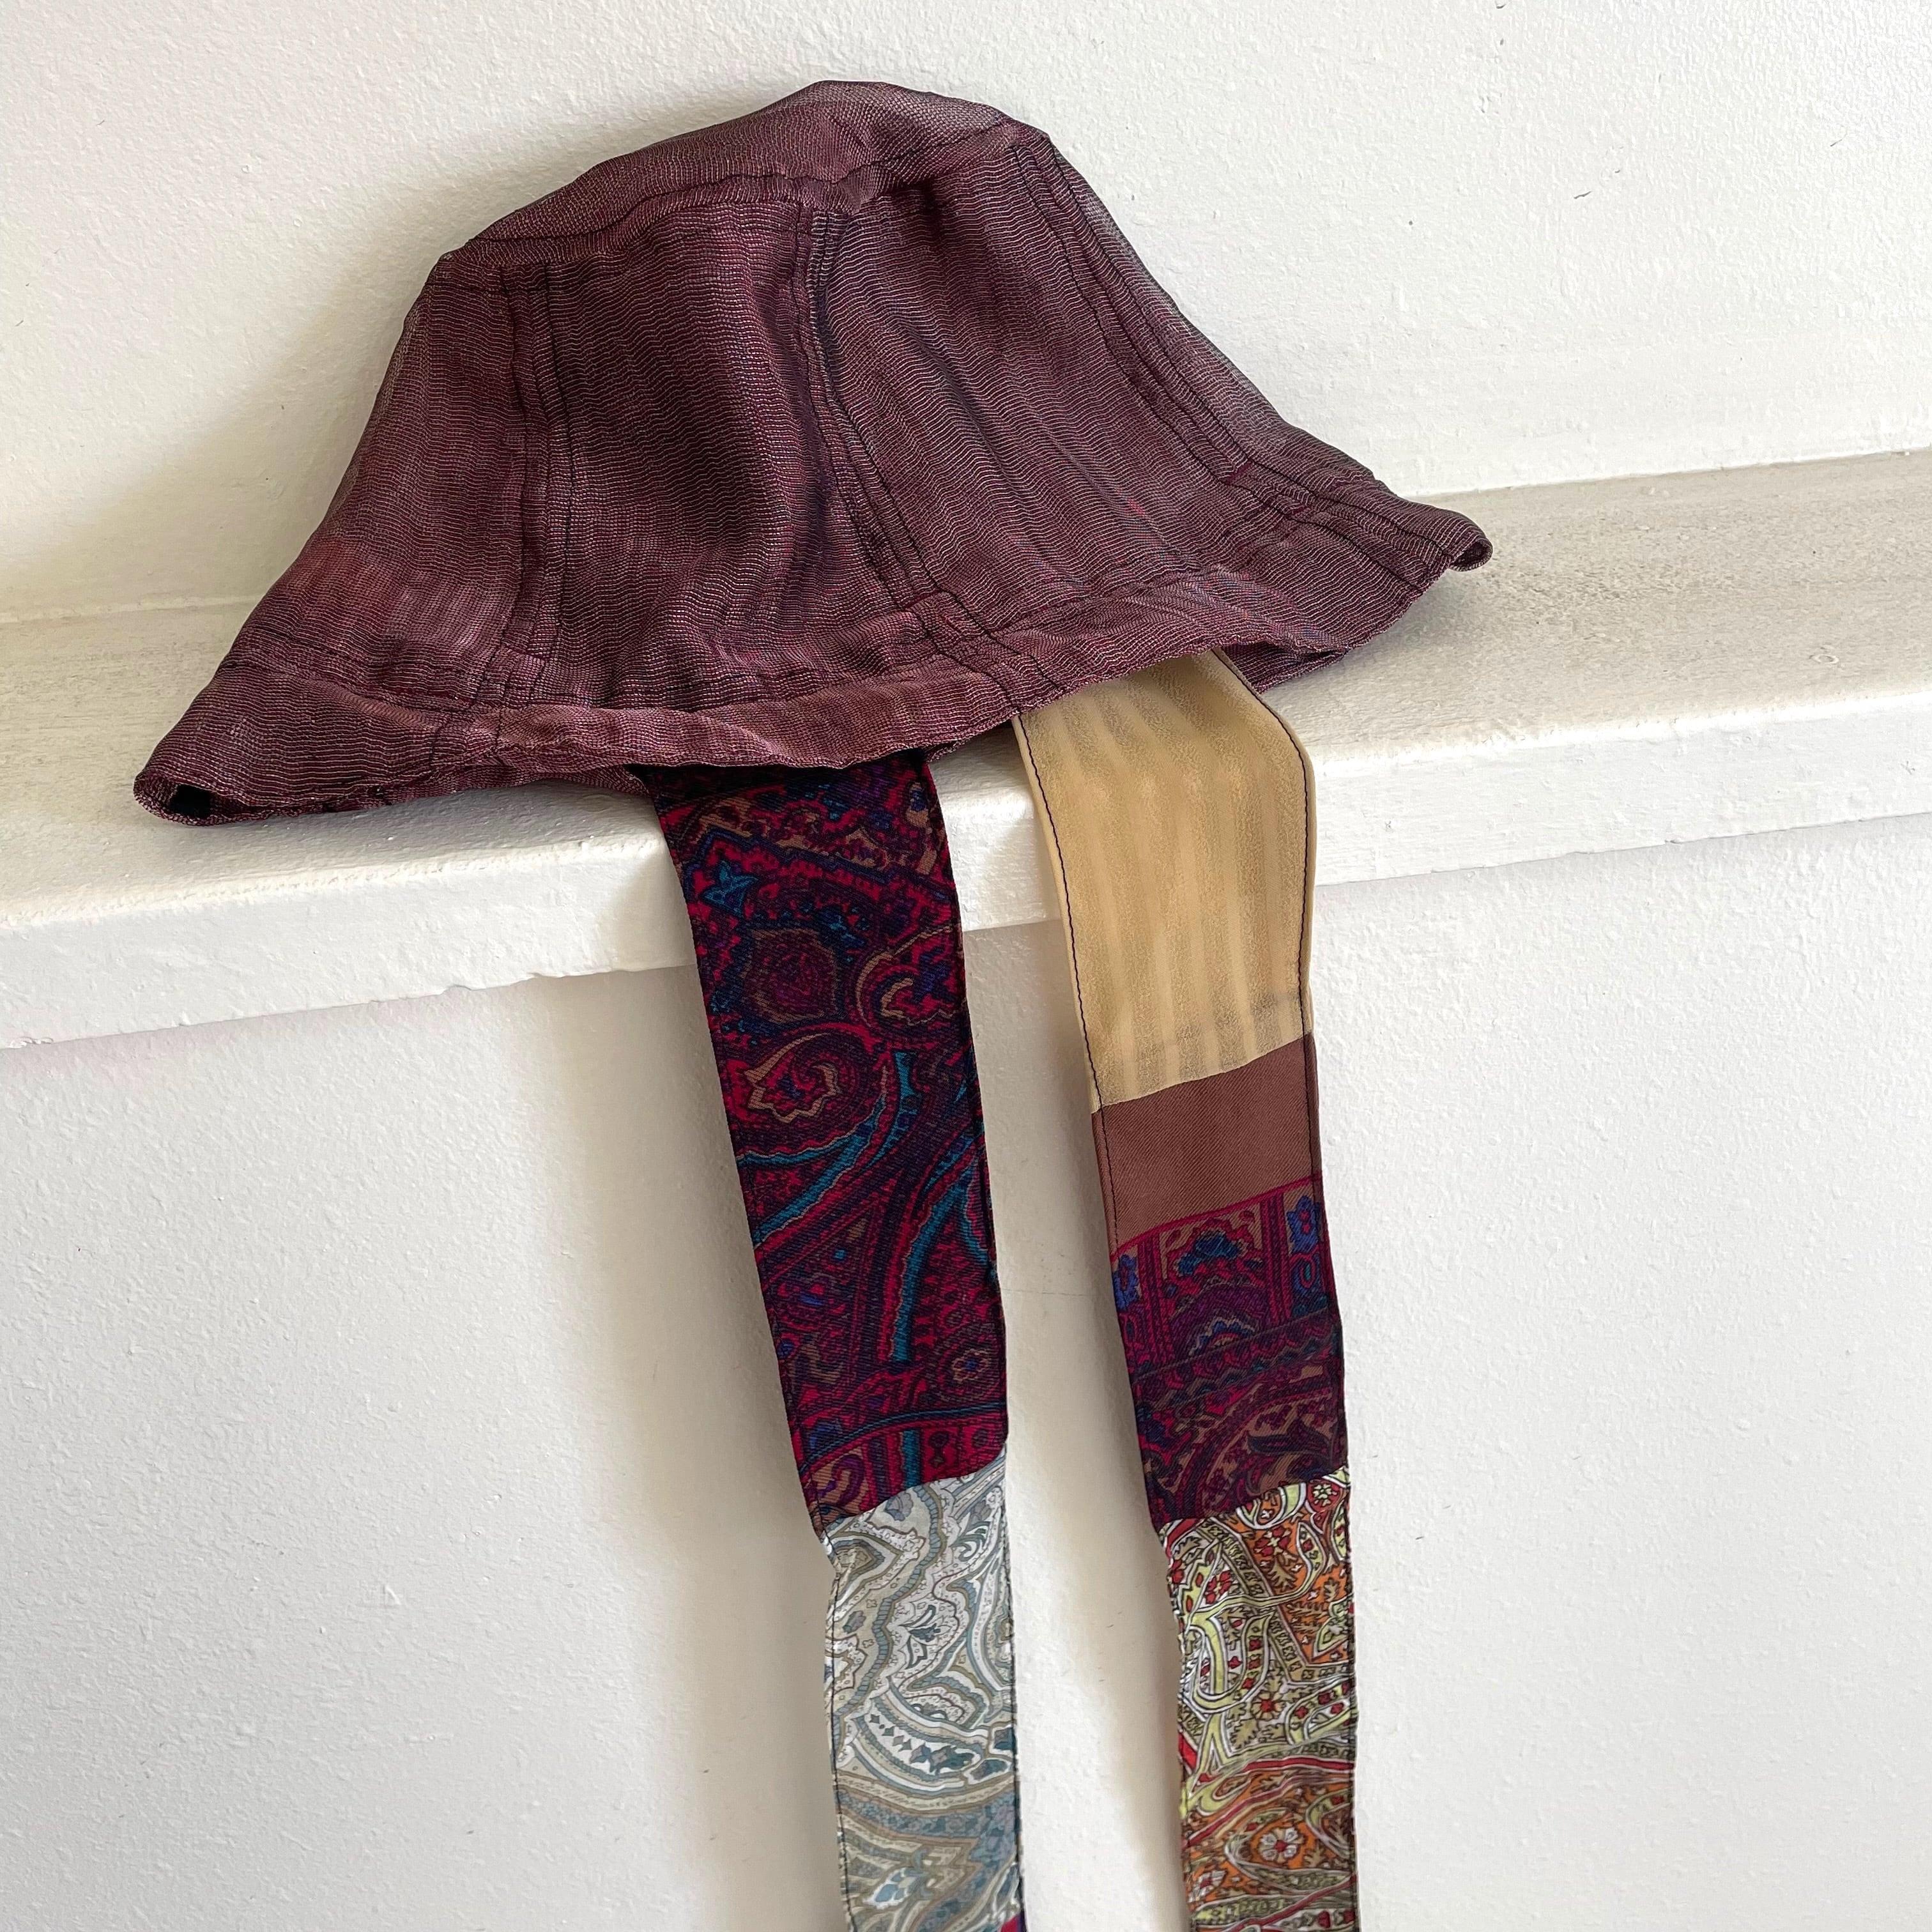 【RehersalL】mesh  basket hat(red) /【リハーズオール】メッシュバスケットハット(レッド)